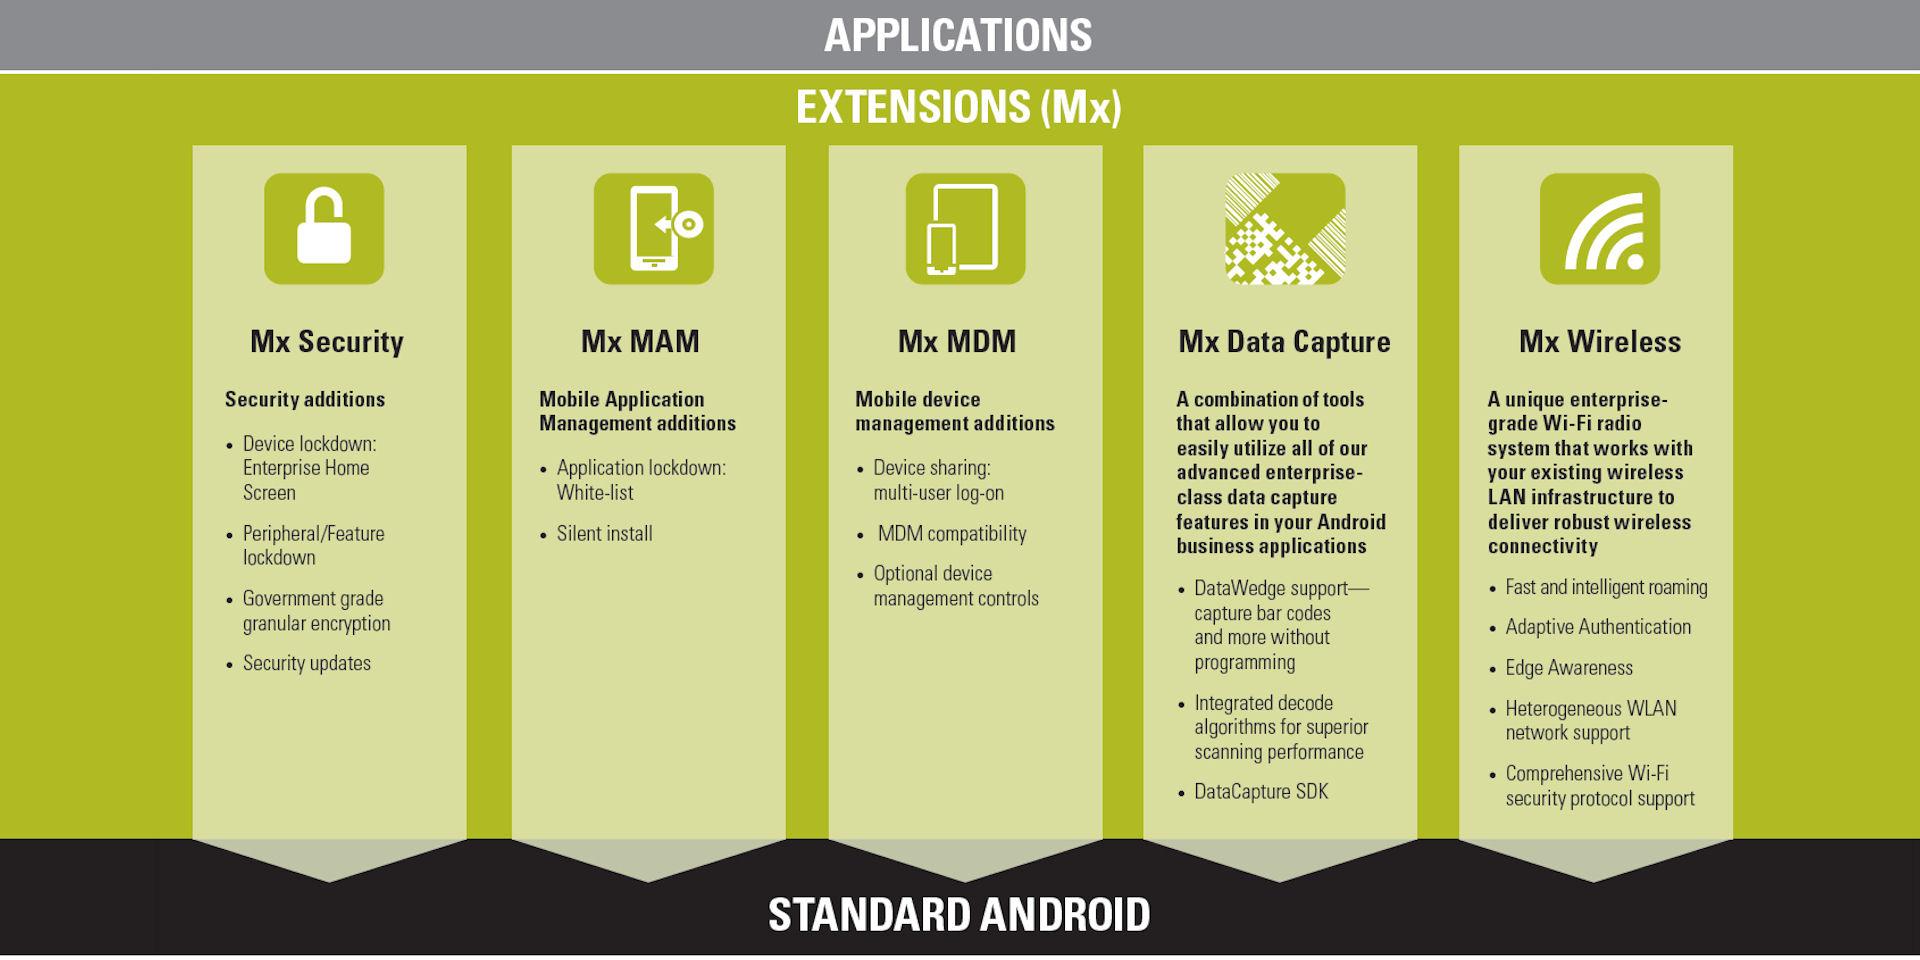 Zebra Mobility Extensions (Mx) für Android Geräte | identWERK